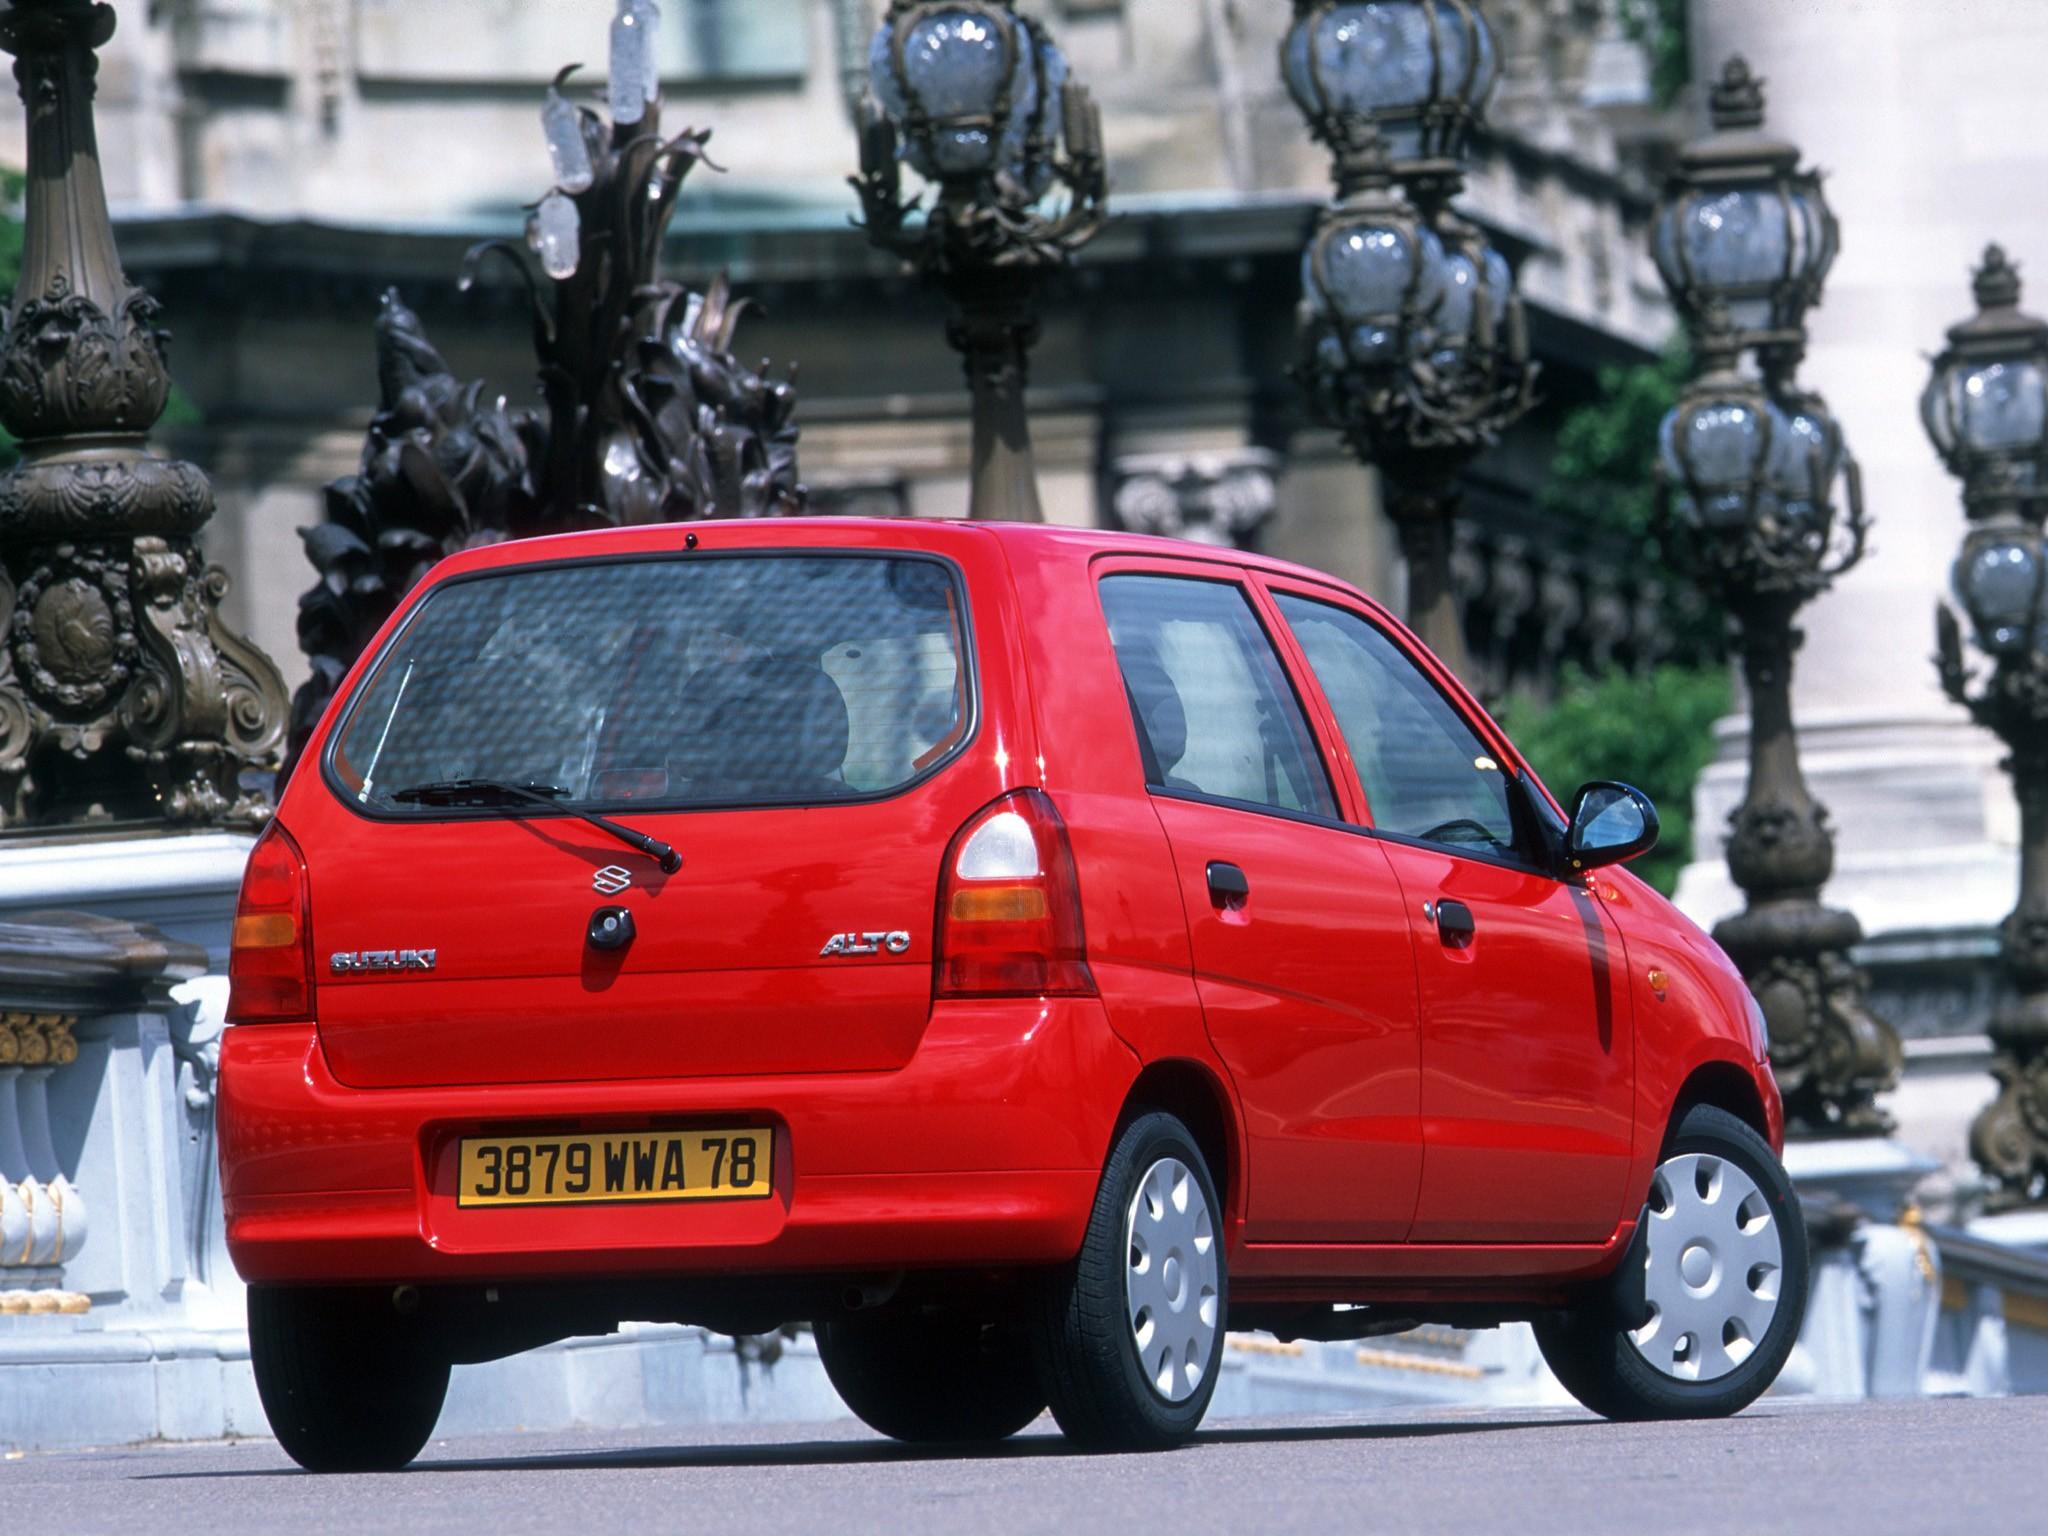 SUZUKI Alto - 2002, 2003, 2004, 2005, 2006 - autoevolution